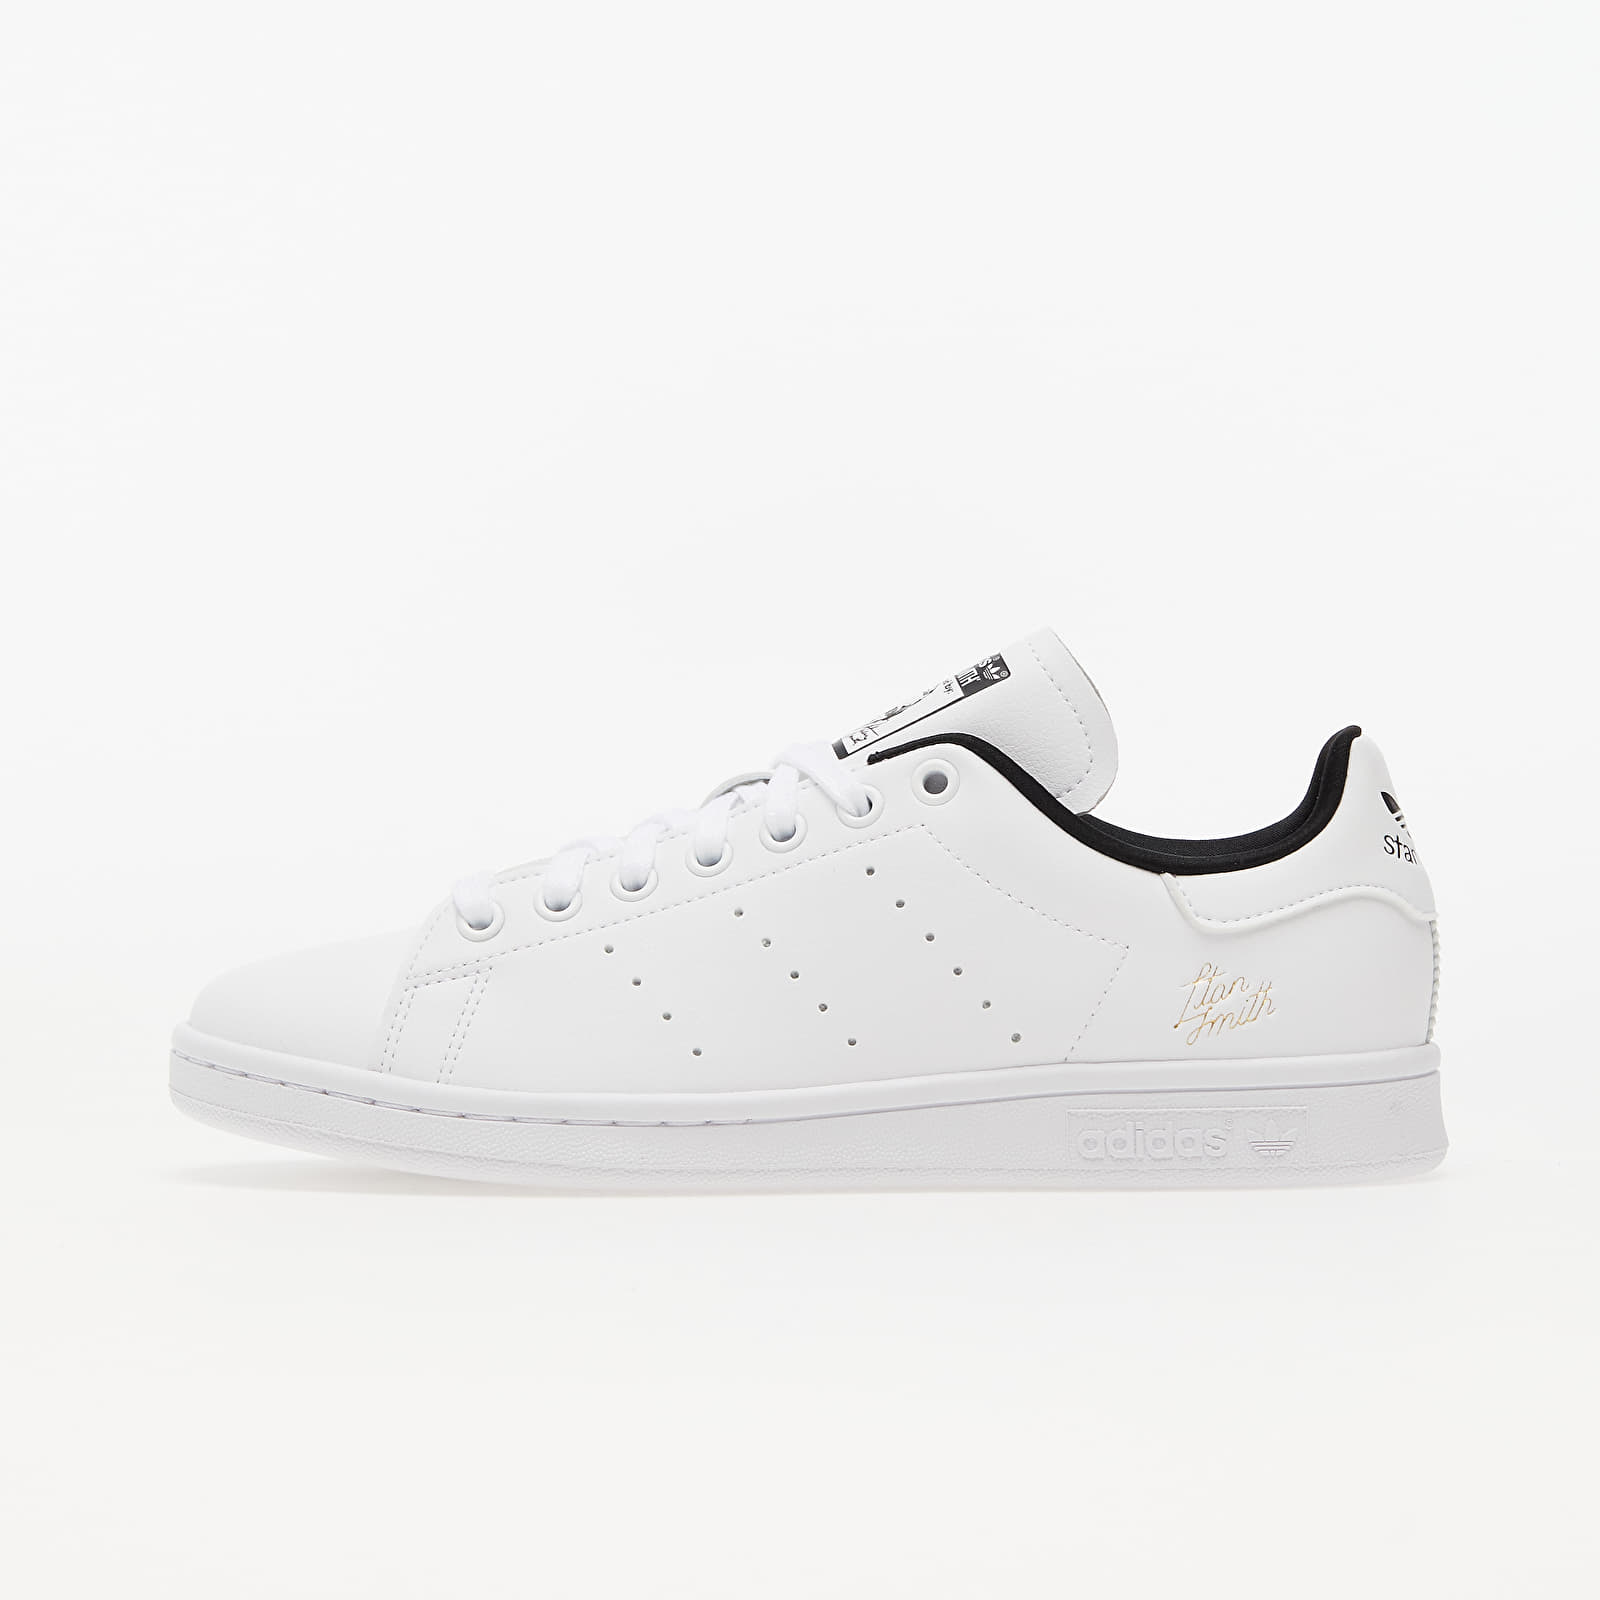 adidas Stan Smith Ftw White/ Ftw White/ Core Black EUR 40